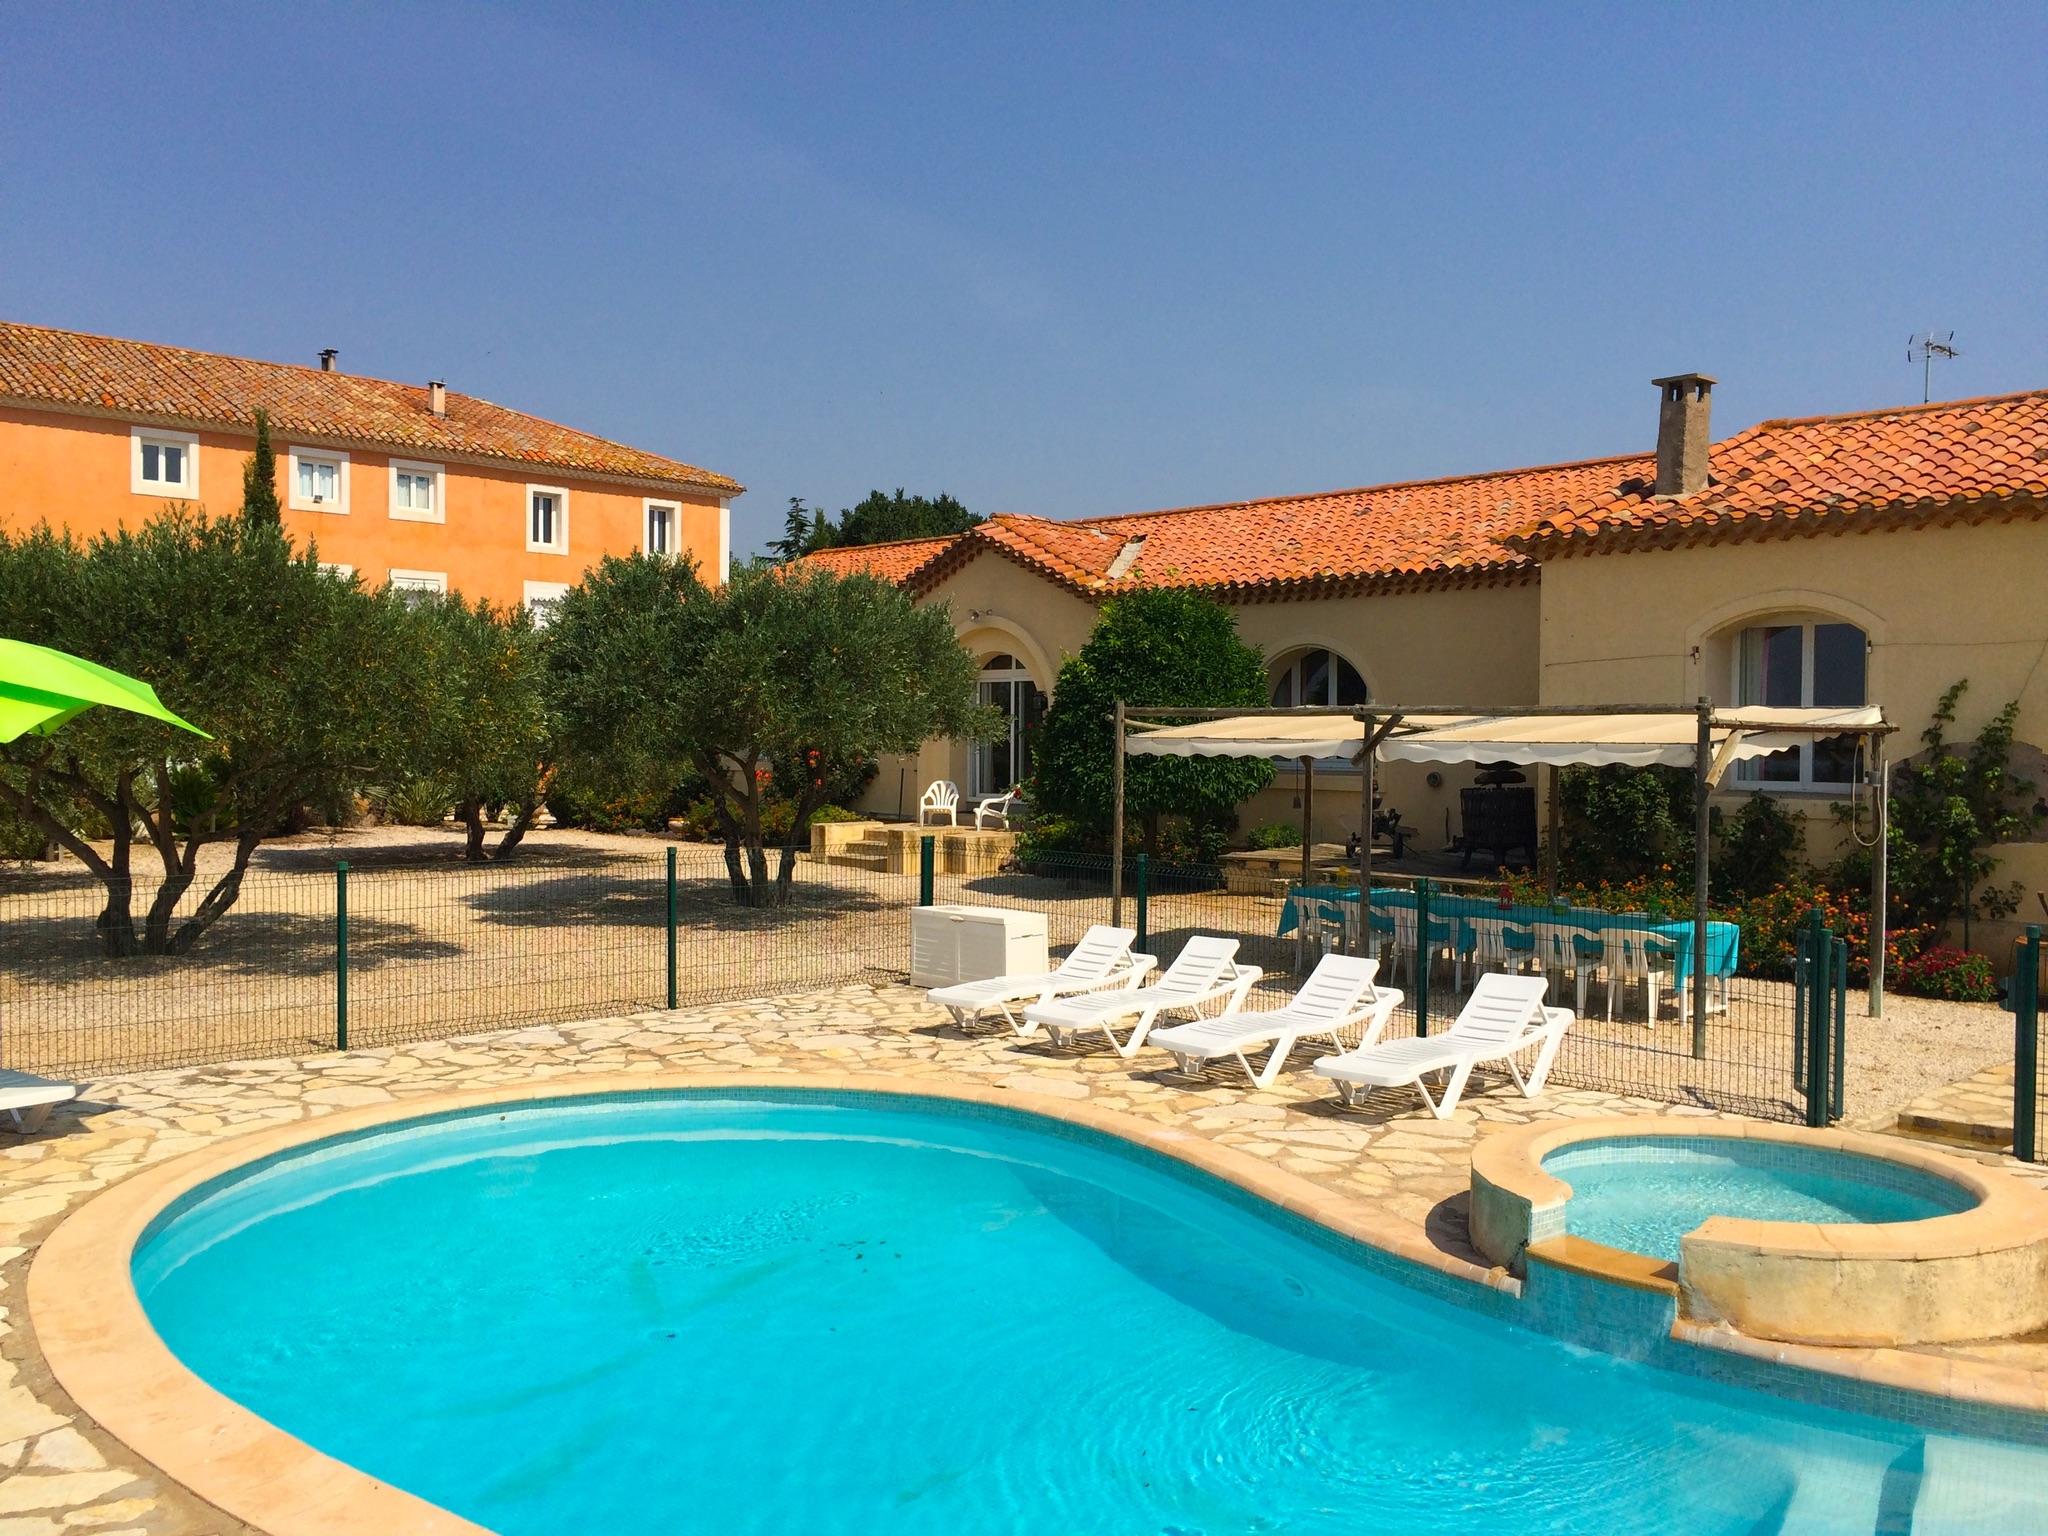 Ferienhaus Charaktervolles Haus in Hérault mit Pool und Garten (2201003), Portiragnes, Mittelmeerküste Hérault, Languedoc-Roussillon, Frankreich, Bild 2